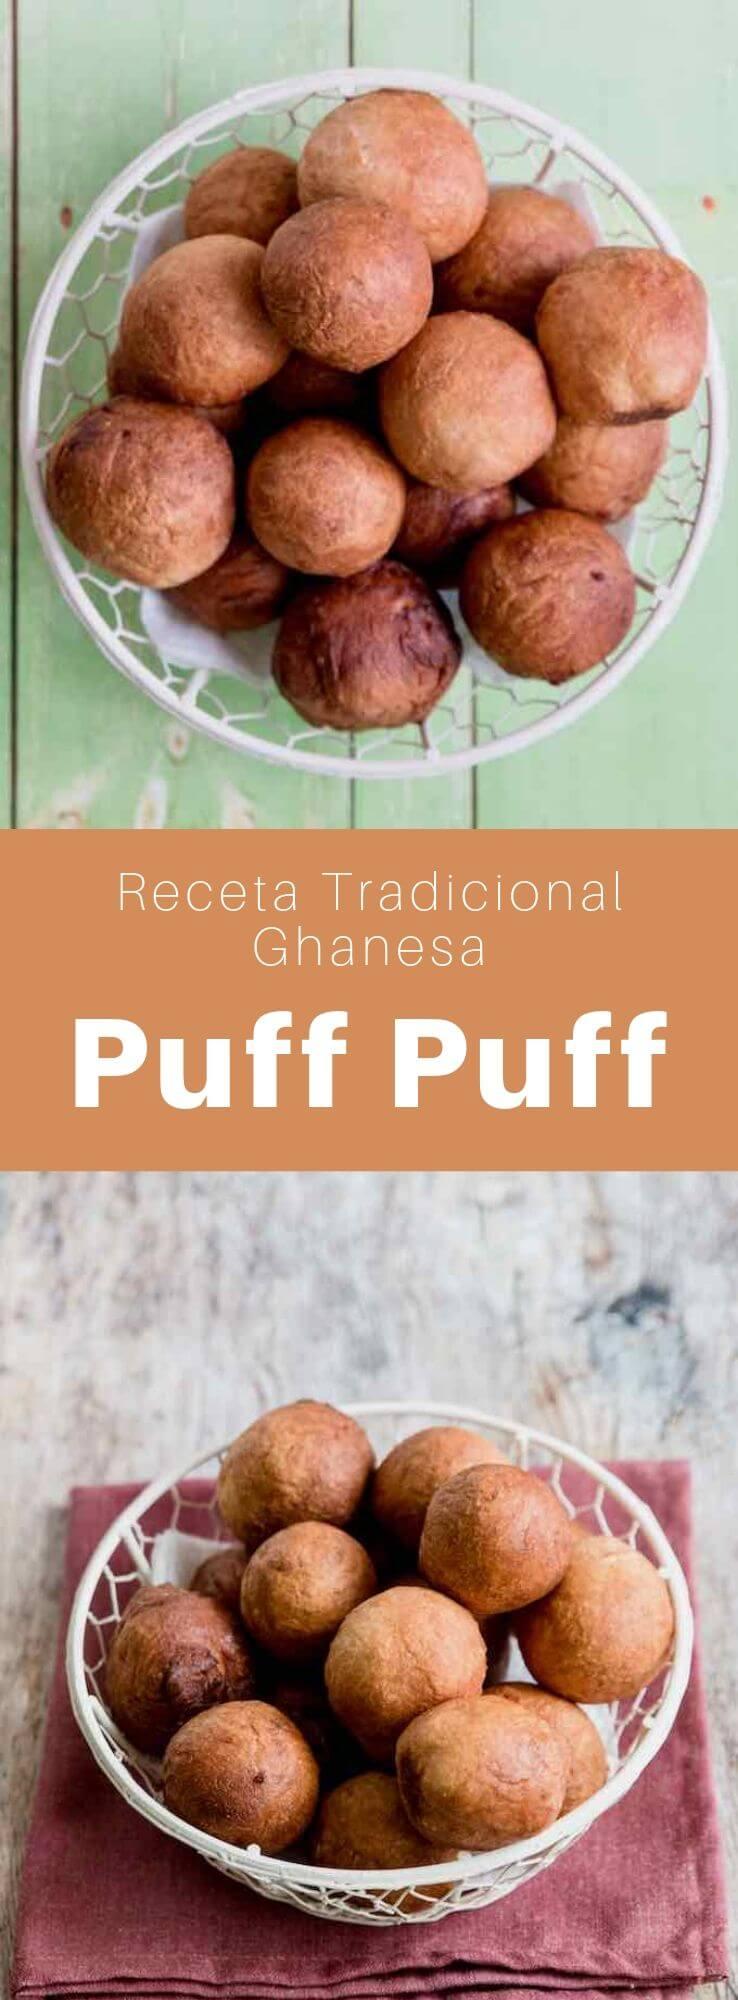 El puff puff, también conocido como bofrot, kala, mikate o togbei, es un donut popular de África occidental, especialmente de Ghana, Sierra Leona, Camerún y Nigeria.